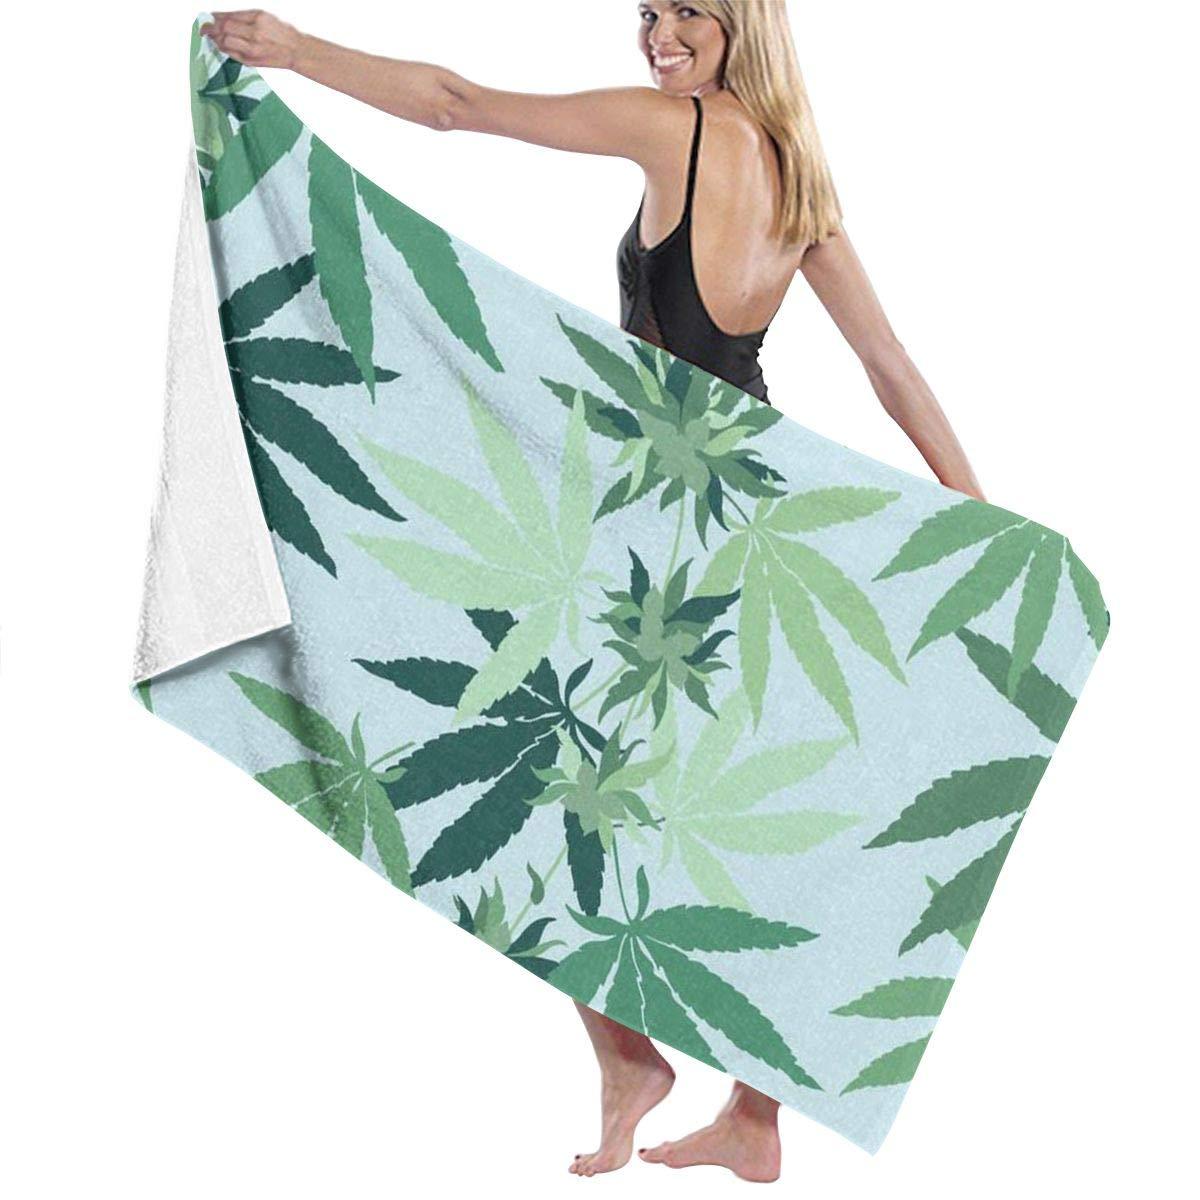 PTYHR マイクロファイバー ビーチタオル シャワー/スパ/水泳用 砂なし 大型バスタオル (40x70インチ) 旅行タオル 軽量 スポーツ/キャンプ/水泳/ジム/シャワー用 40 X 70 inches ブルー KSHQskja44_AJma1a4q867 B07PKM97CJ Cannabis Marijuana Weed Leaf 40 X 70 inches